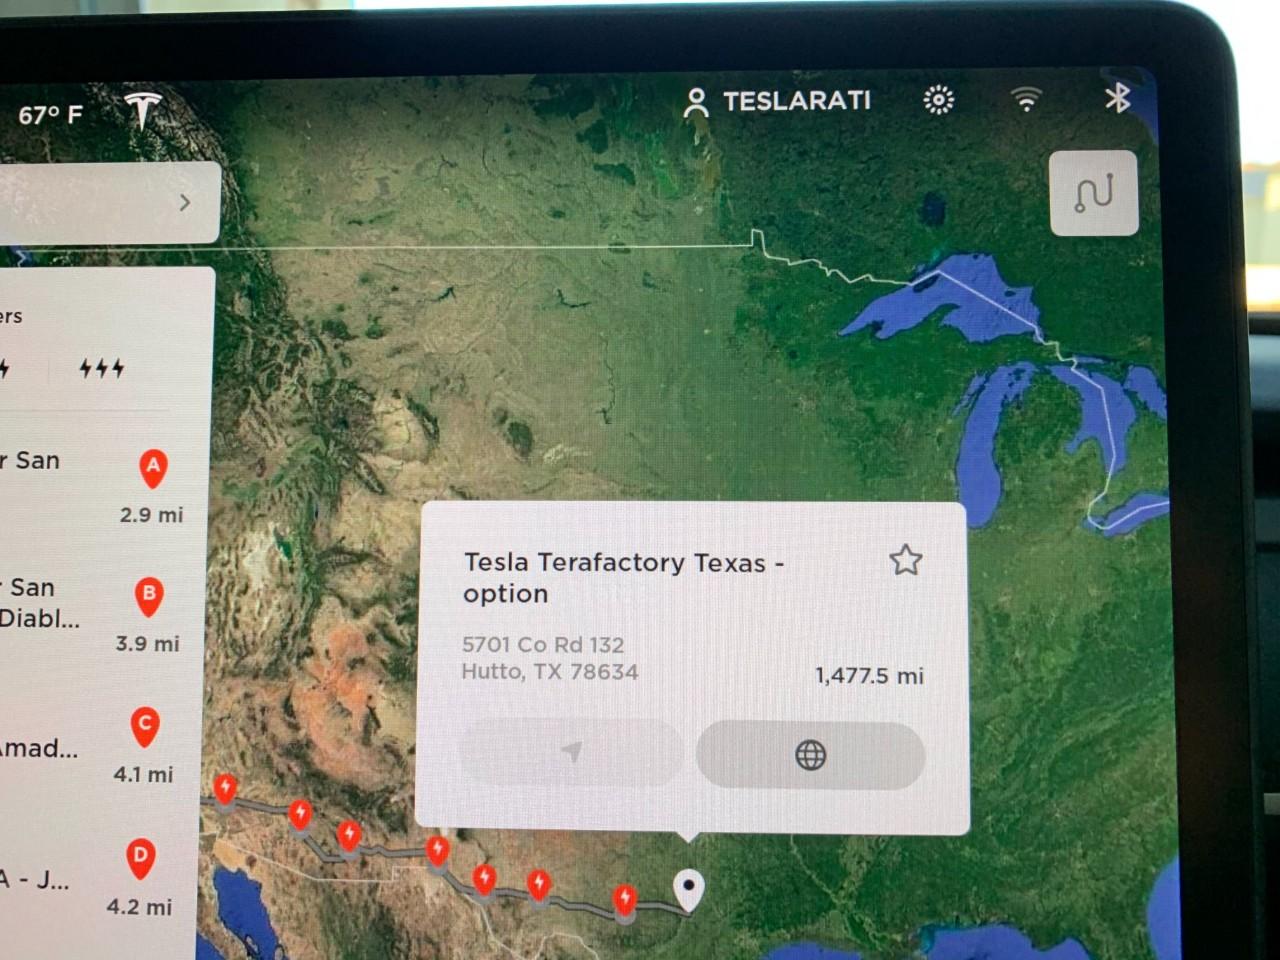 Tesla Terafactory появляется в Техасе в навигационном транспортном средстве